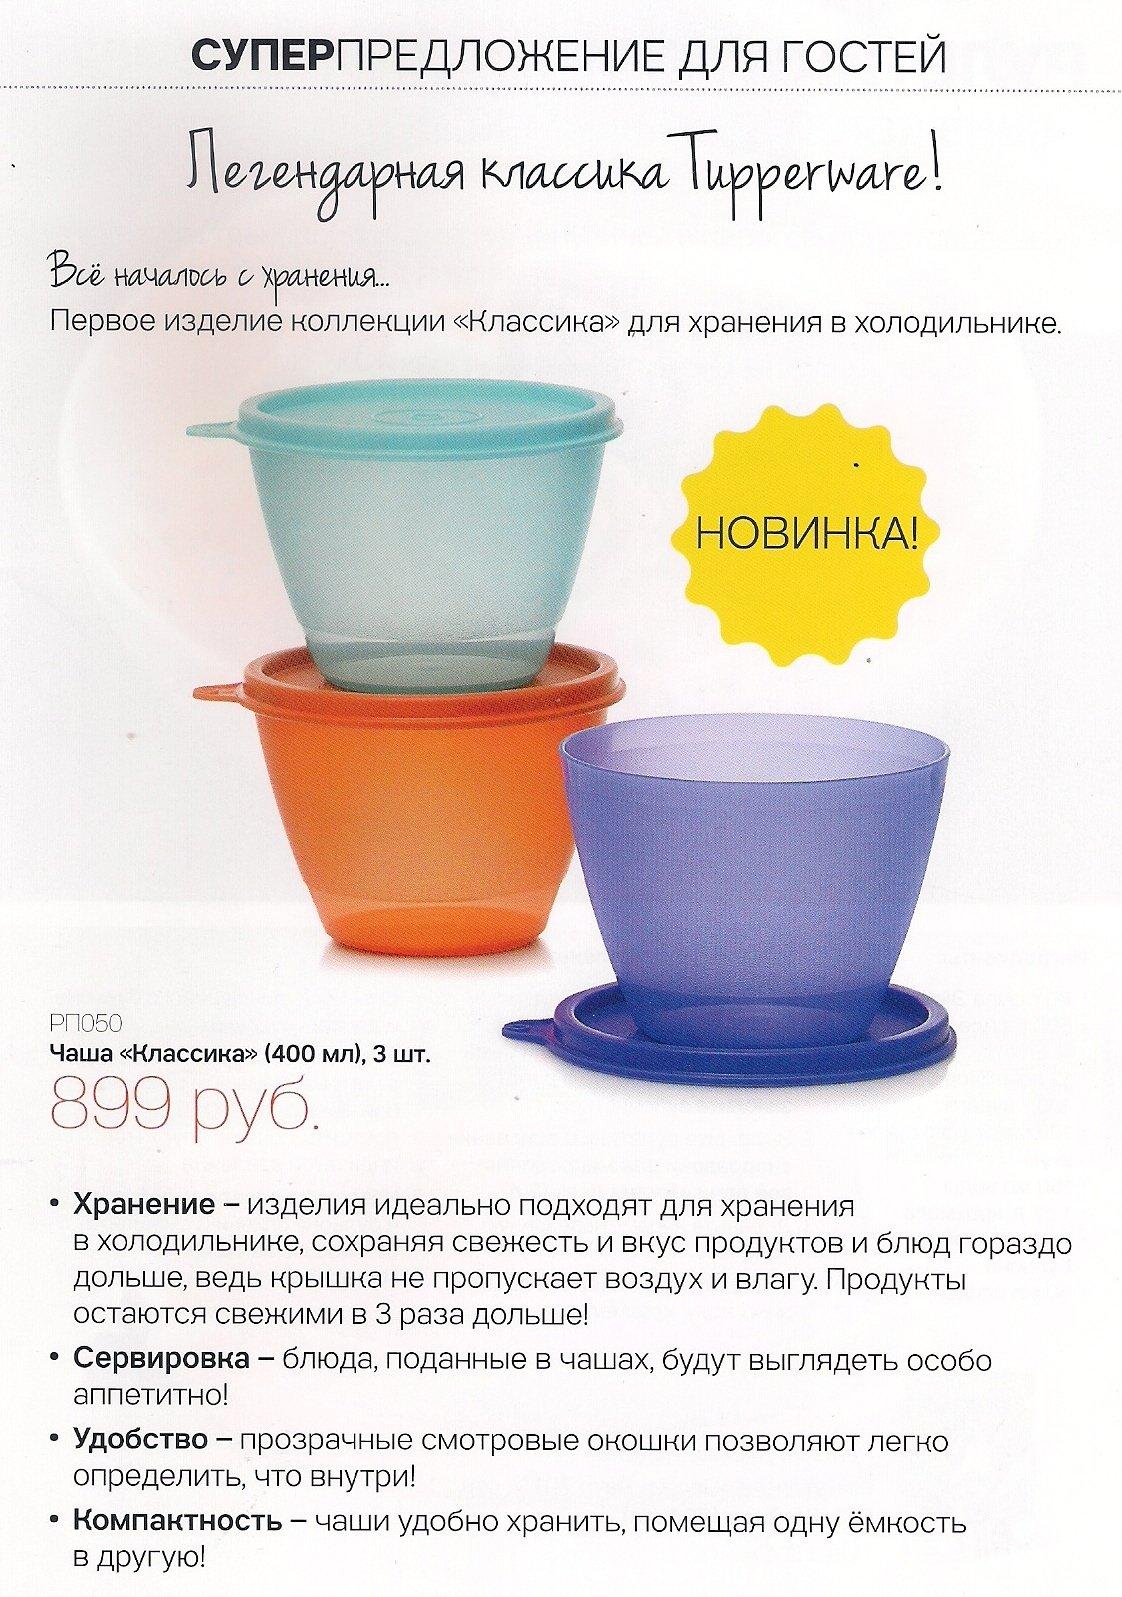 http://tupperware-online.ru/images/upload/2H.jpg